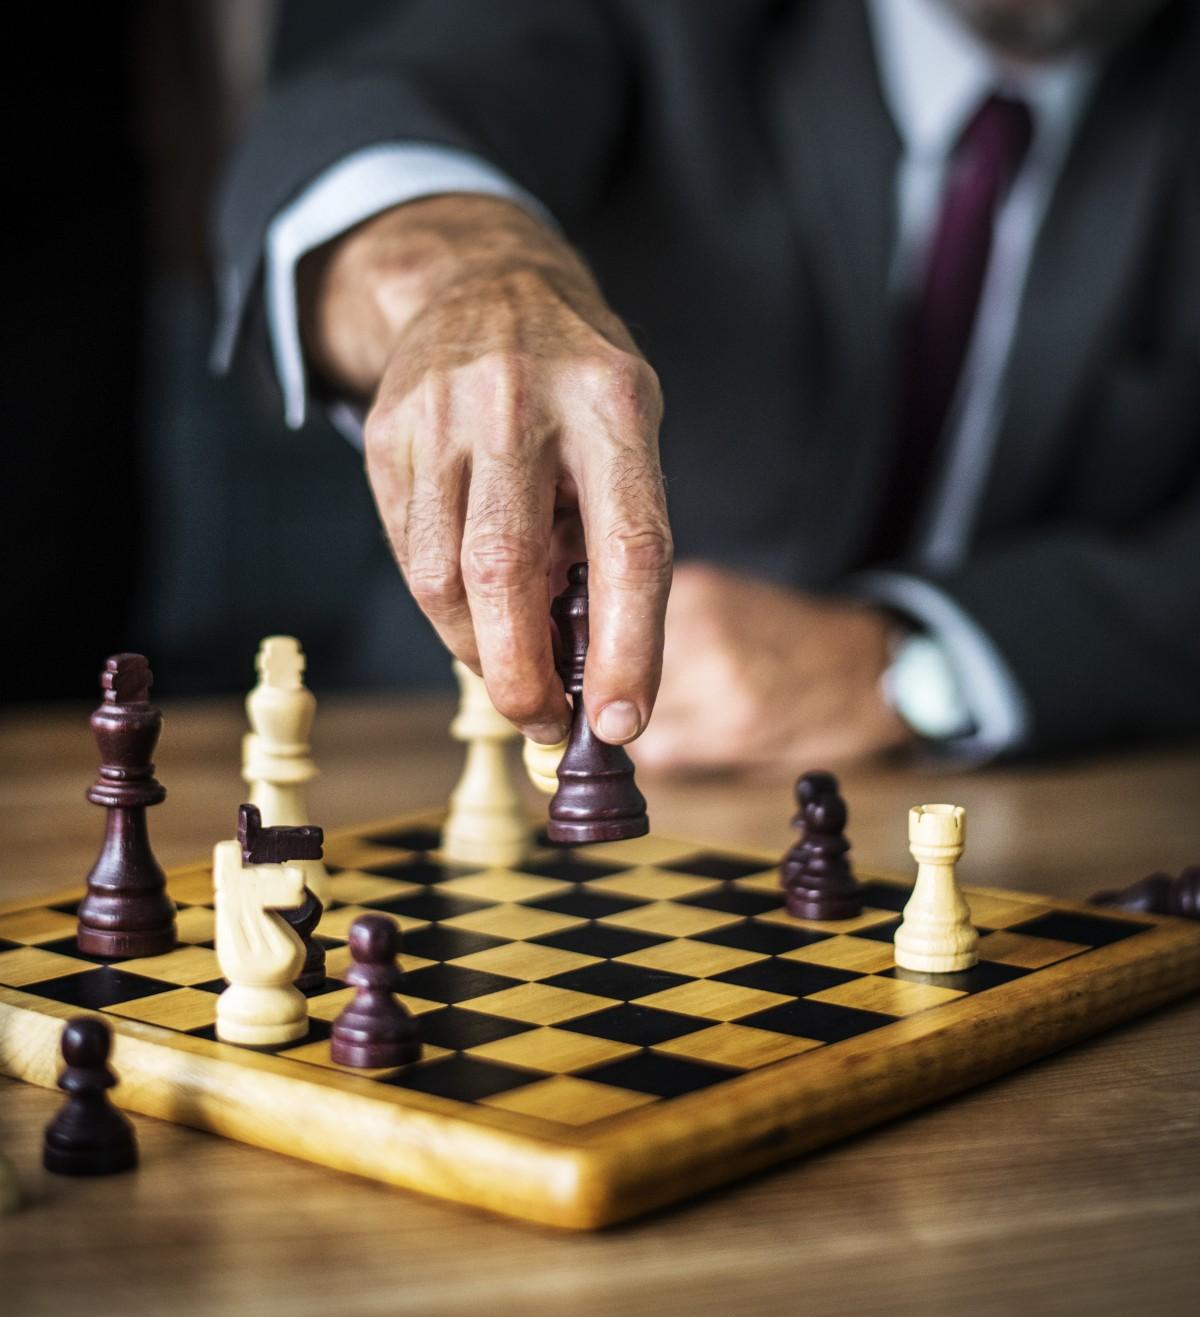 logro, adulto, batalla, negro, tablero, negocio, empresario, comprobar, ajedrez, pieza de ajedrez, tablero de ajedrez, elección, competencia, conflicto, Decisiones, defensa, atención, juego, mano, caballo, Rey, caballero, liderazgo, administración, compañero, emocionante, piezas, plan, planificación, jugando, poder, reina, Soldados, solución, deporte, estratégico, estrategia, símbolo, mesa, táctica, pensando, victoria, blanco, de madera, Juegos de interior y deportes, juegos, juego de mesa, Juego de mesa, recreación, dedo, jugar